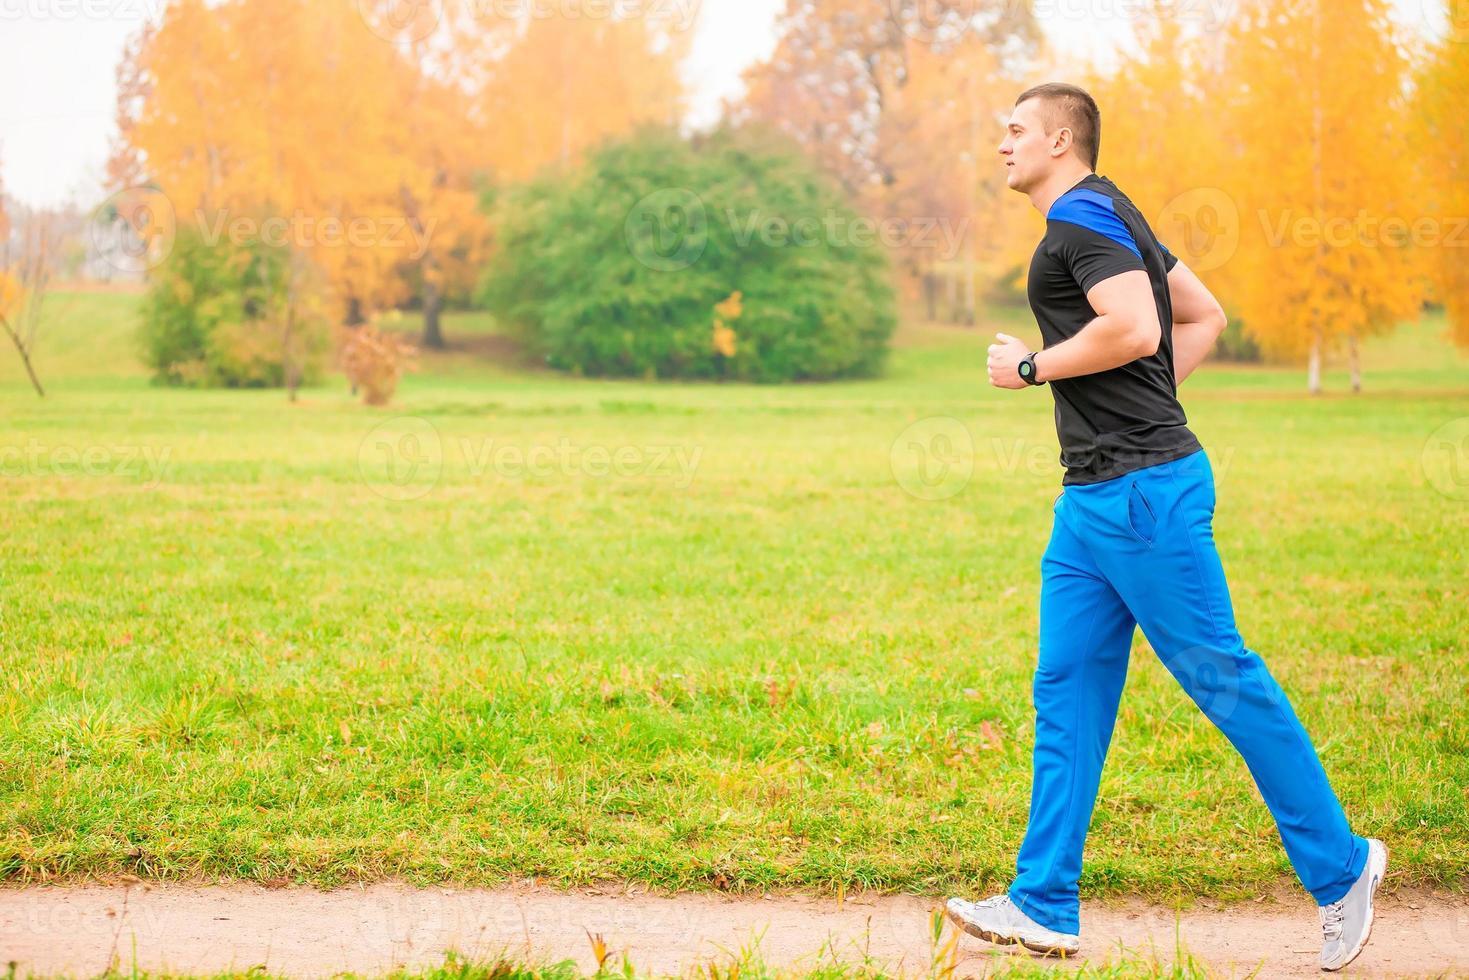 atleta masculino correndo pela manhã no parque foto